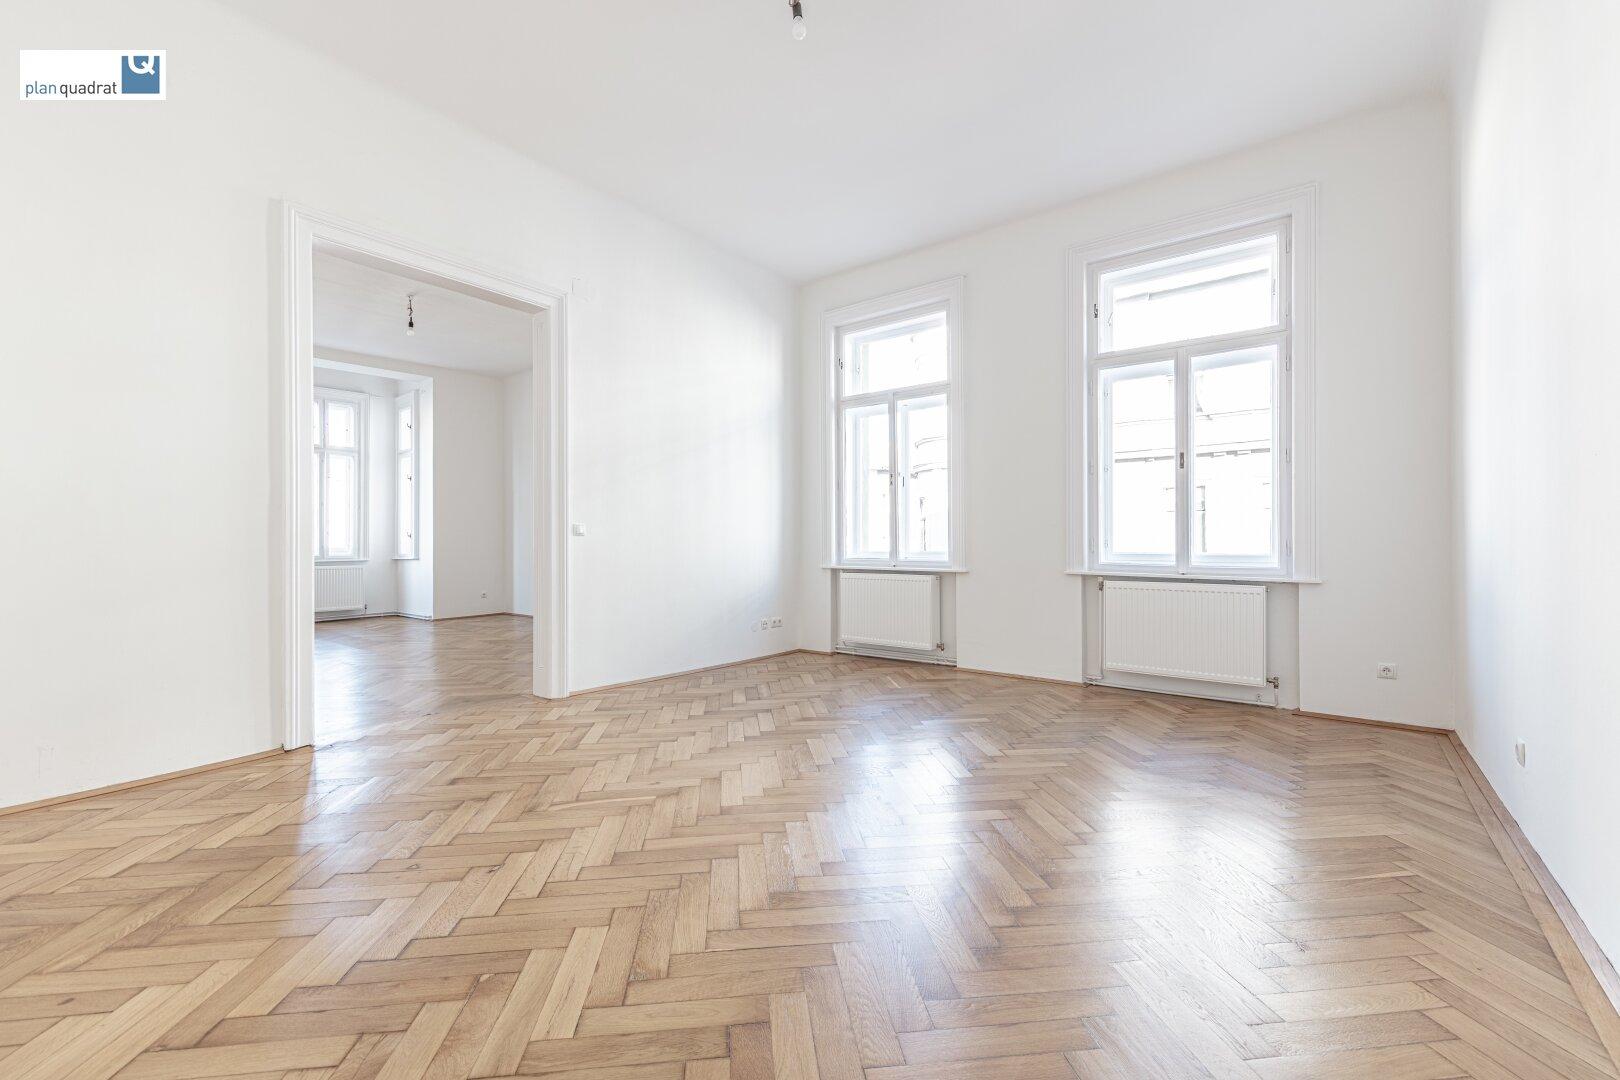 Zimmer 1 (ca. 22,40 m²)